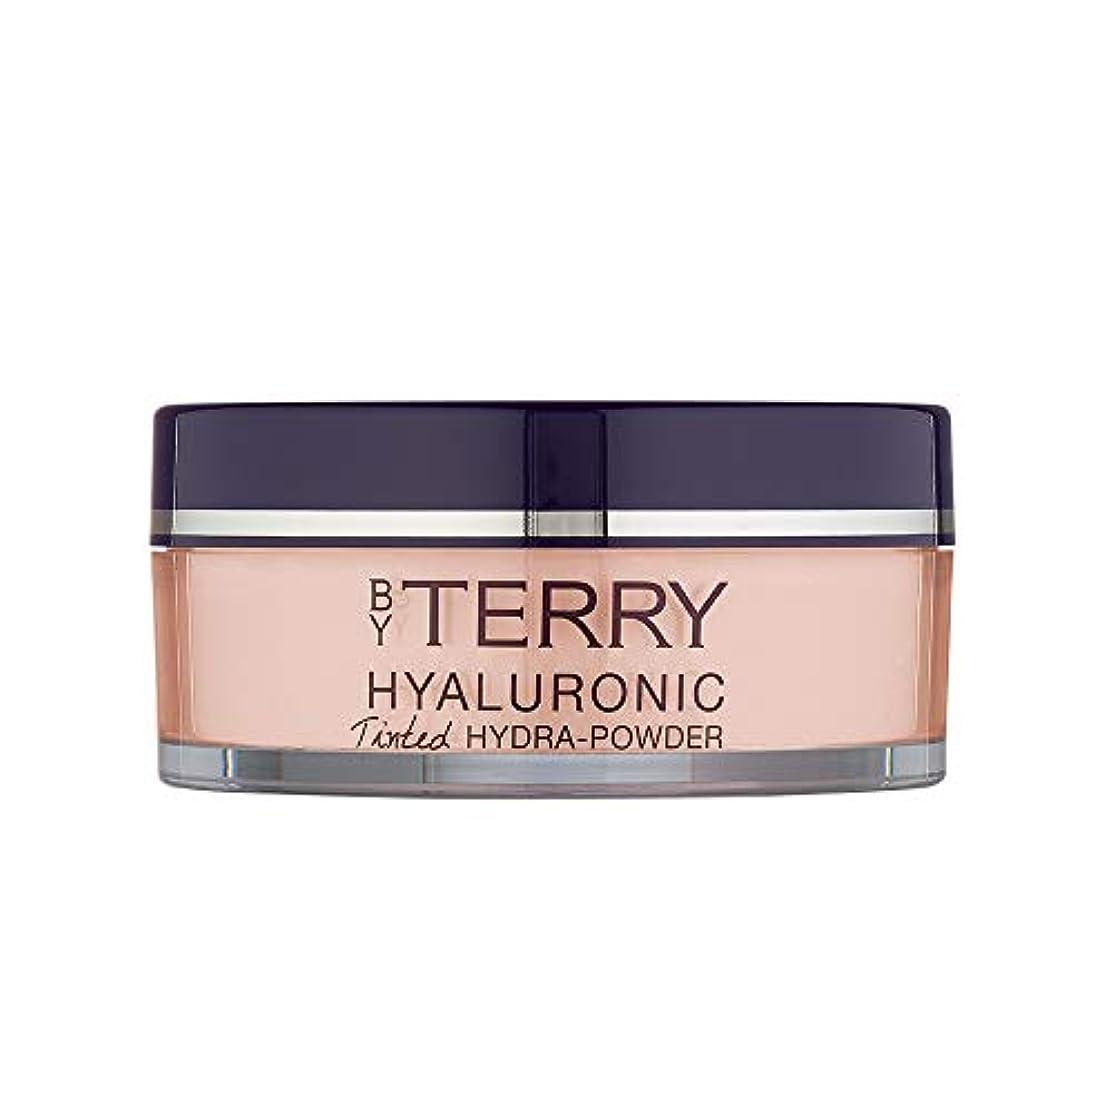 対応するメダリスト限定バイテリー Hyaluronic Tinted Hydra Care Setting Powder - # 200 Natural 10g/0.35oz並行輸入品